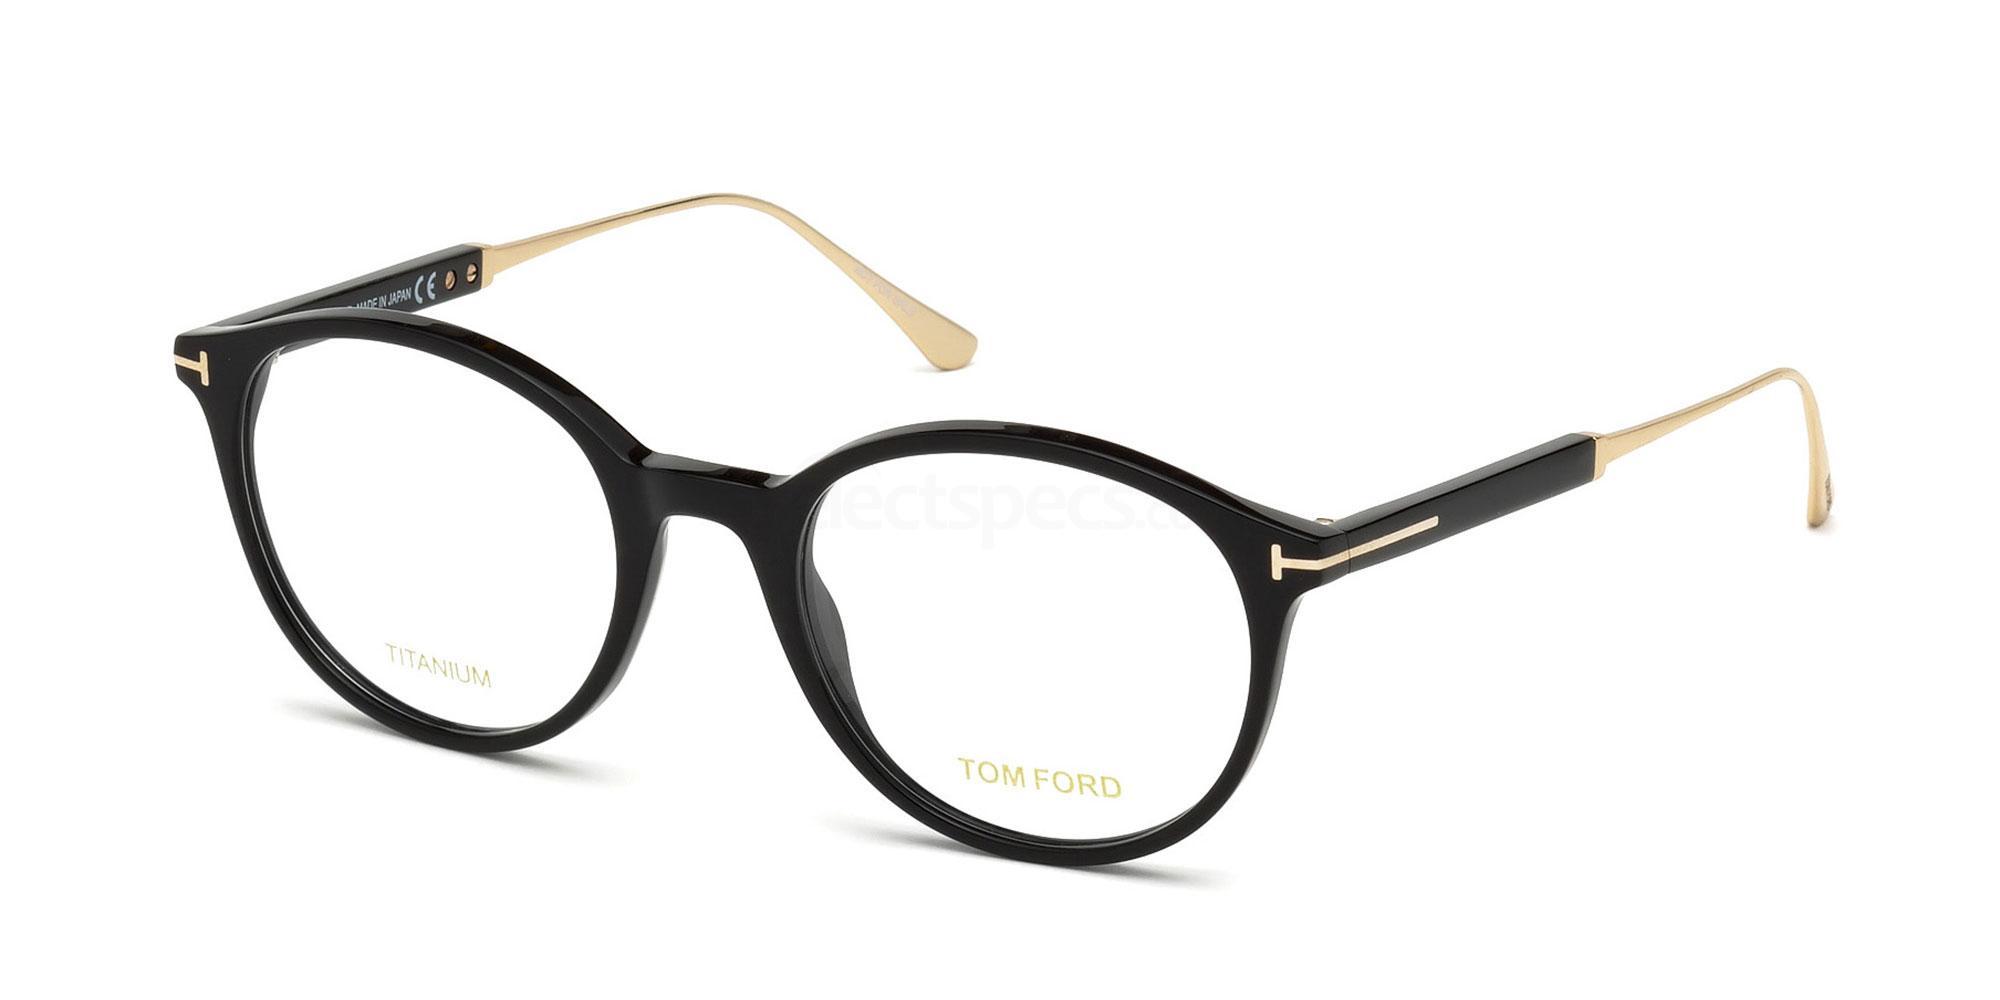 001 FT5485 Glasses, Tom Ford